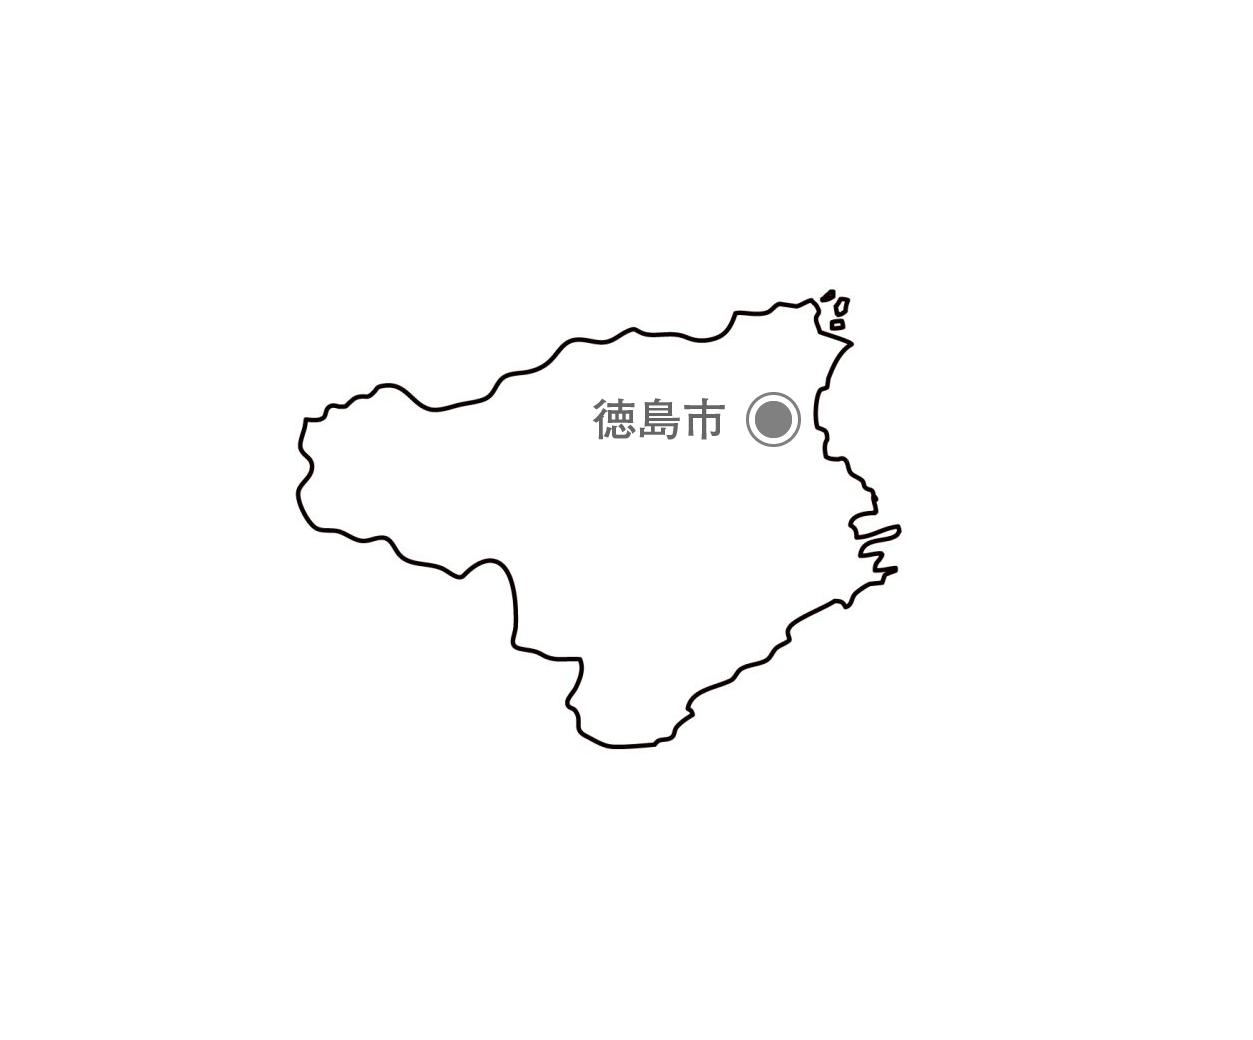 [白地図]徳島県・都道府県名・県庁所在地あり